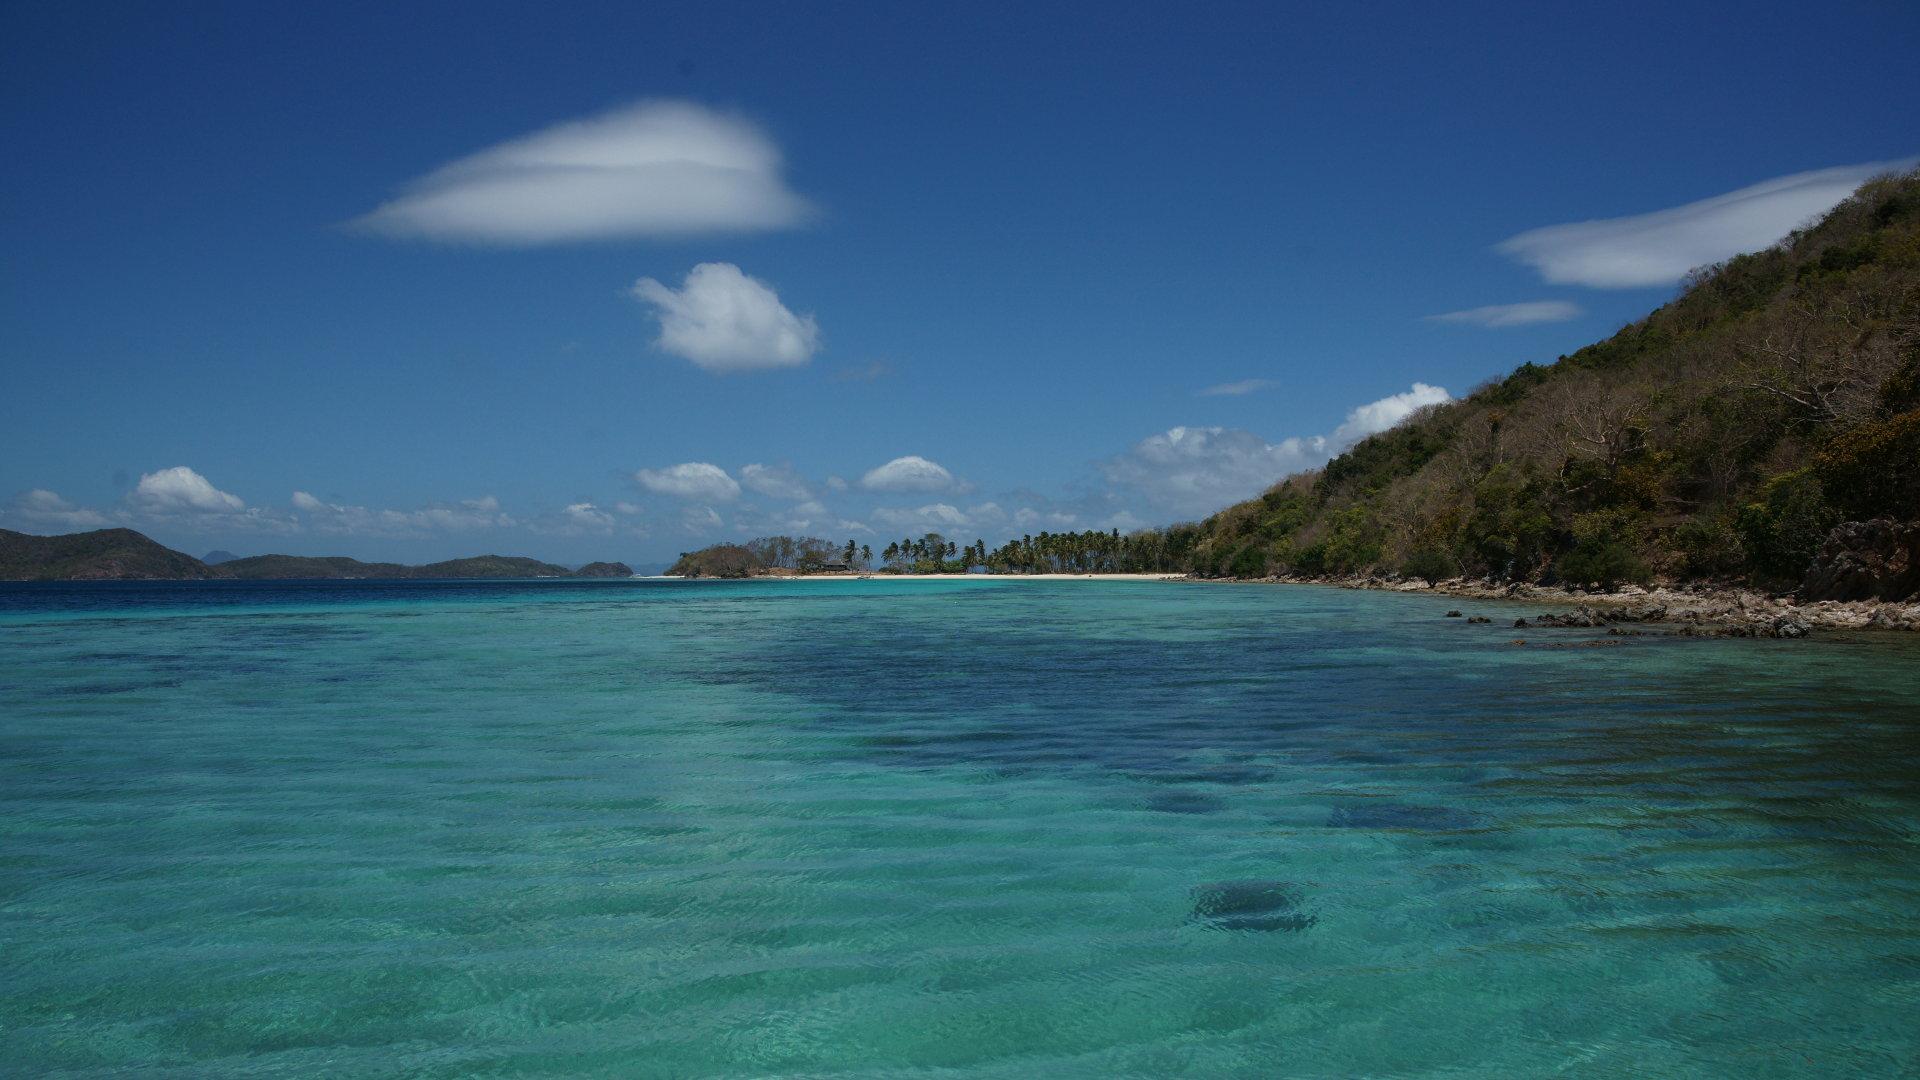 Beach Widescreen High Definition Wallpaper